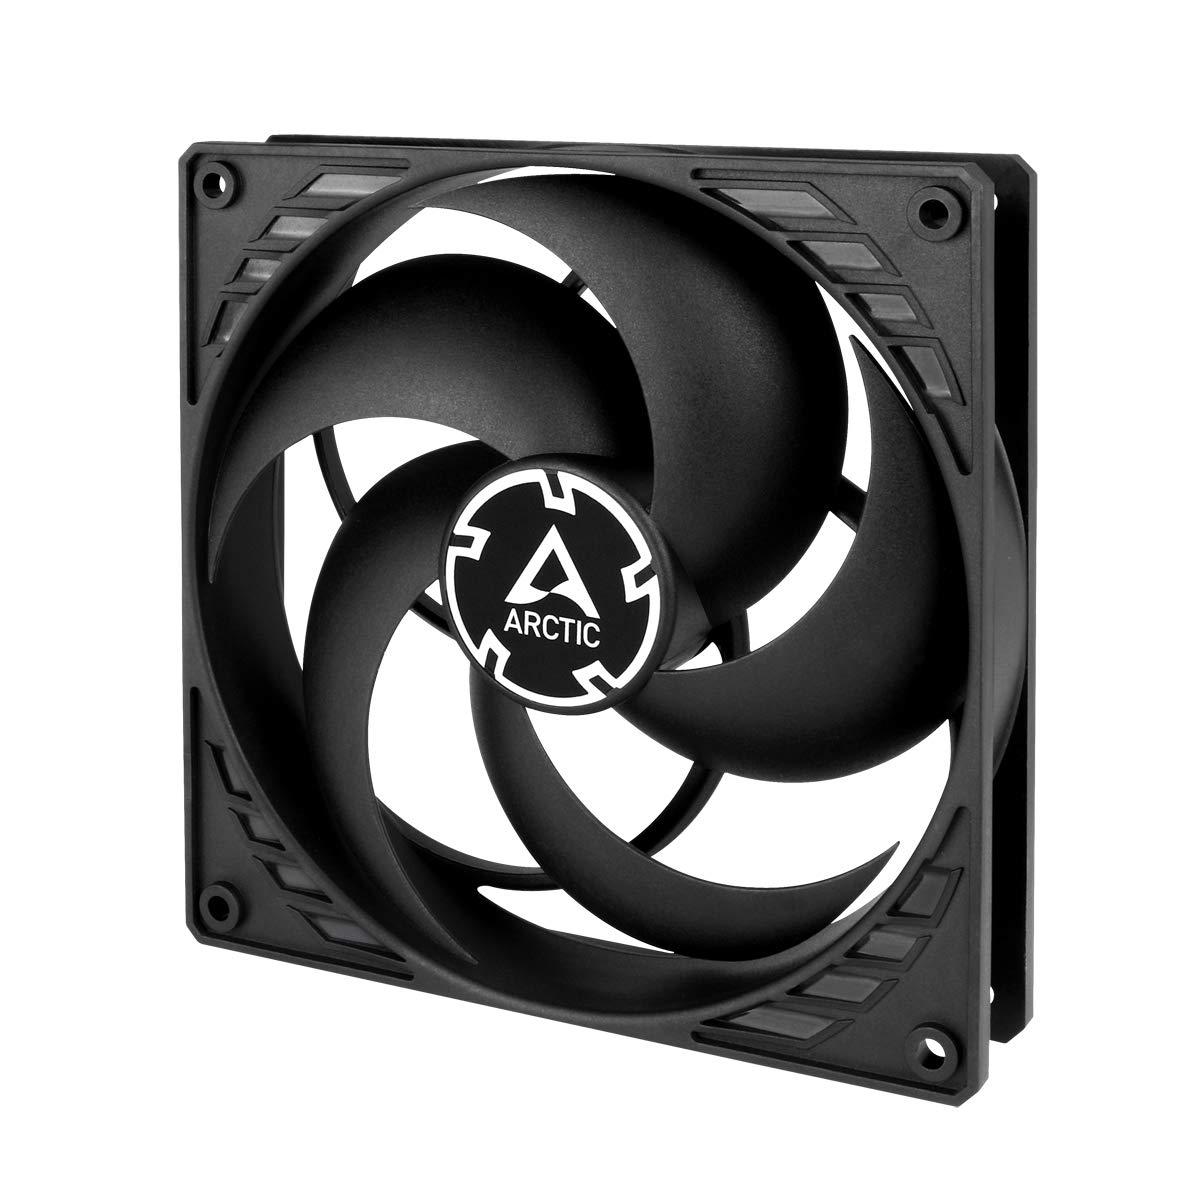 Arctic P14 Silent - Pressure-optimised Extra Quiet 140mm Fan, £5.48 at Amazon (+£4.48 non prime)